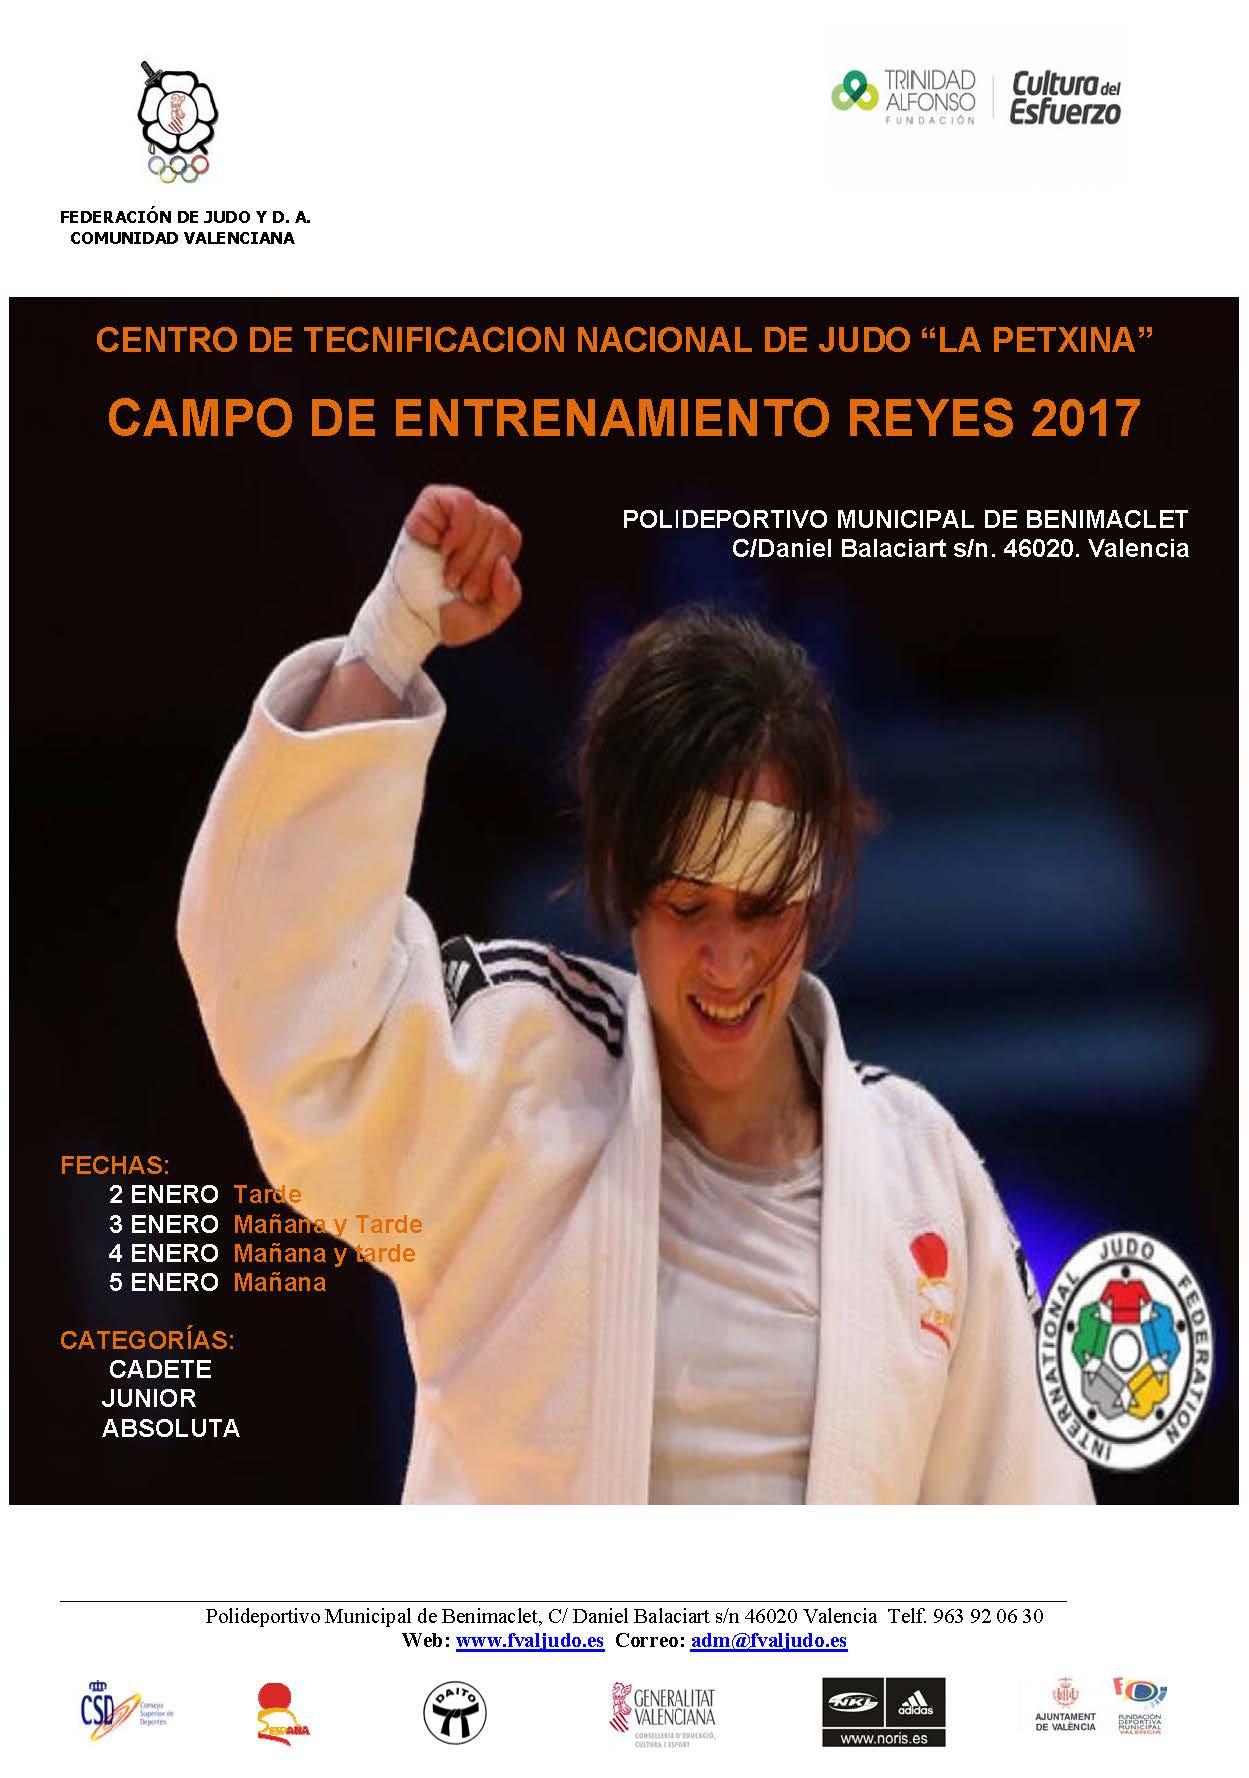 POSTER CAMPO DE ENTRENAMIENTO REYES 2017 JULIA